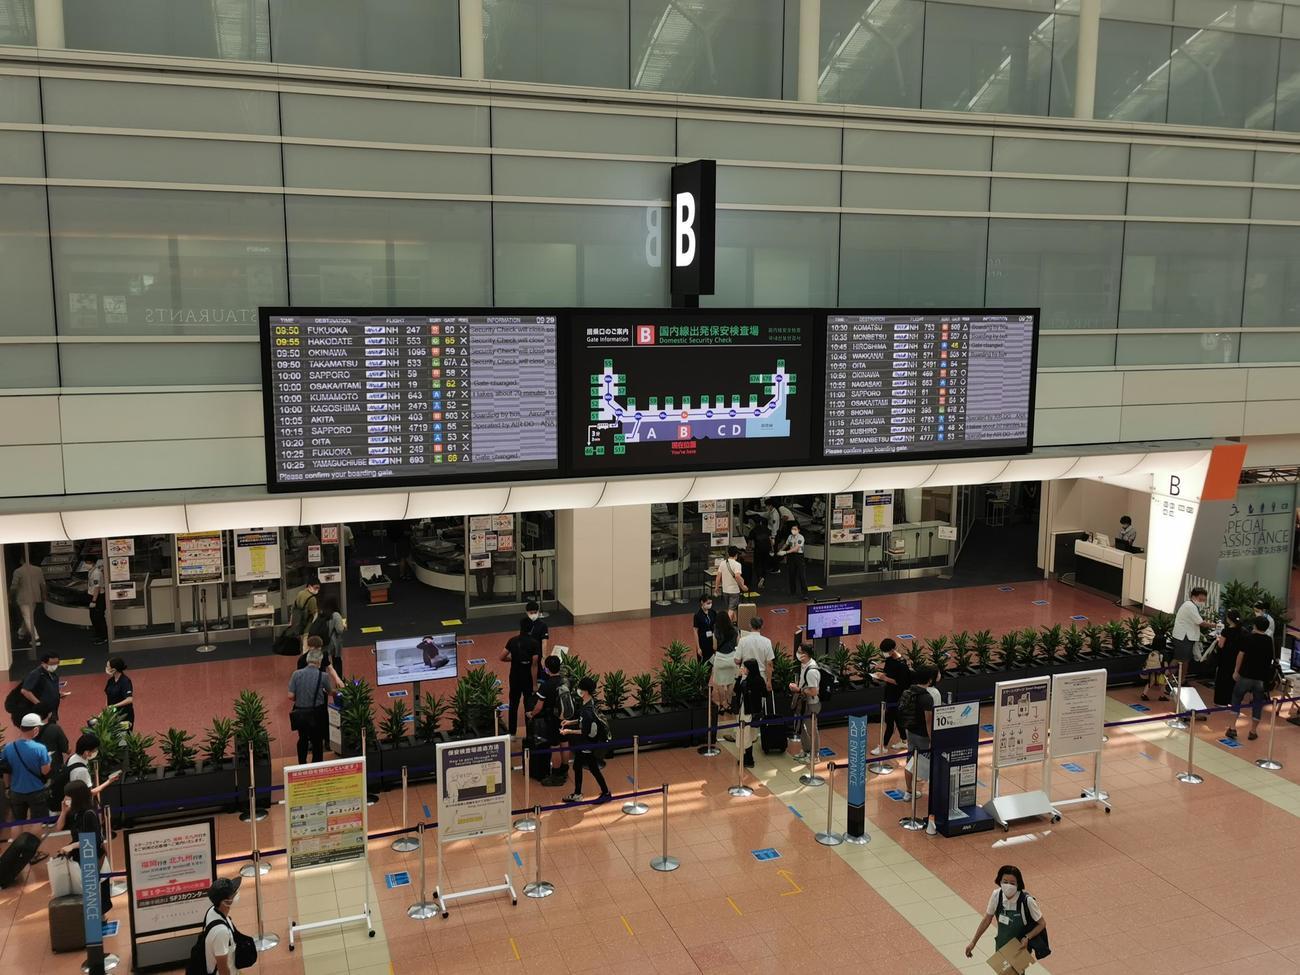 本格的なお盆休み初日となった8日午前中の羽田空港(鳥海高太朗氏提供)